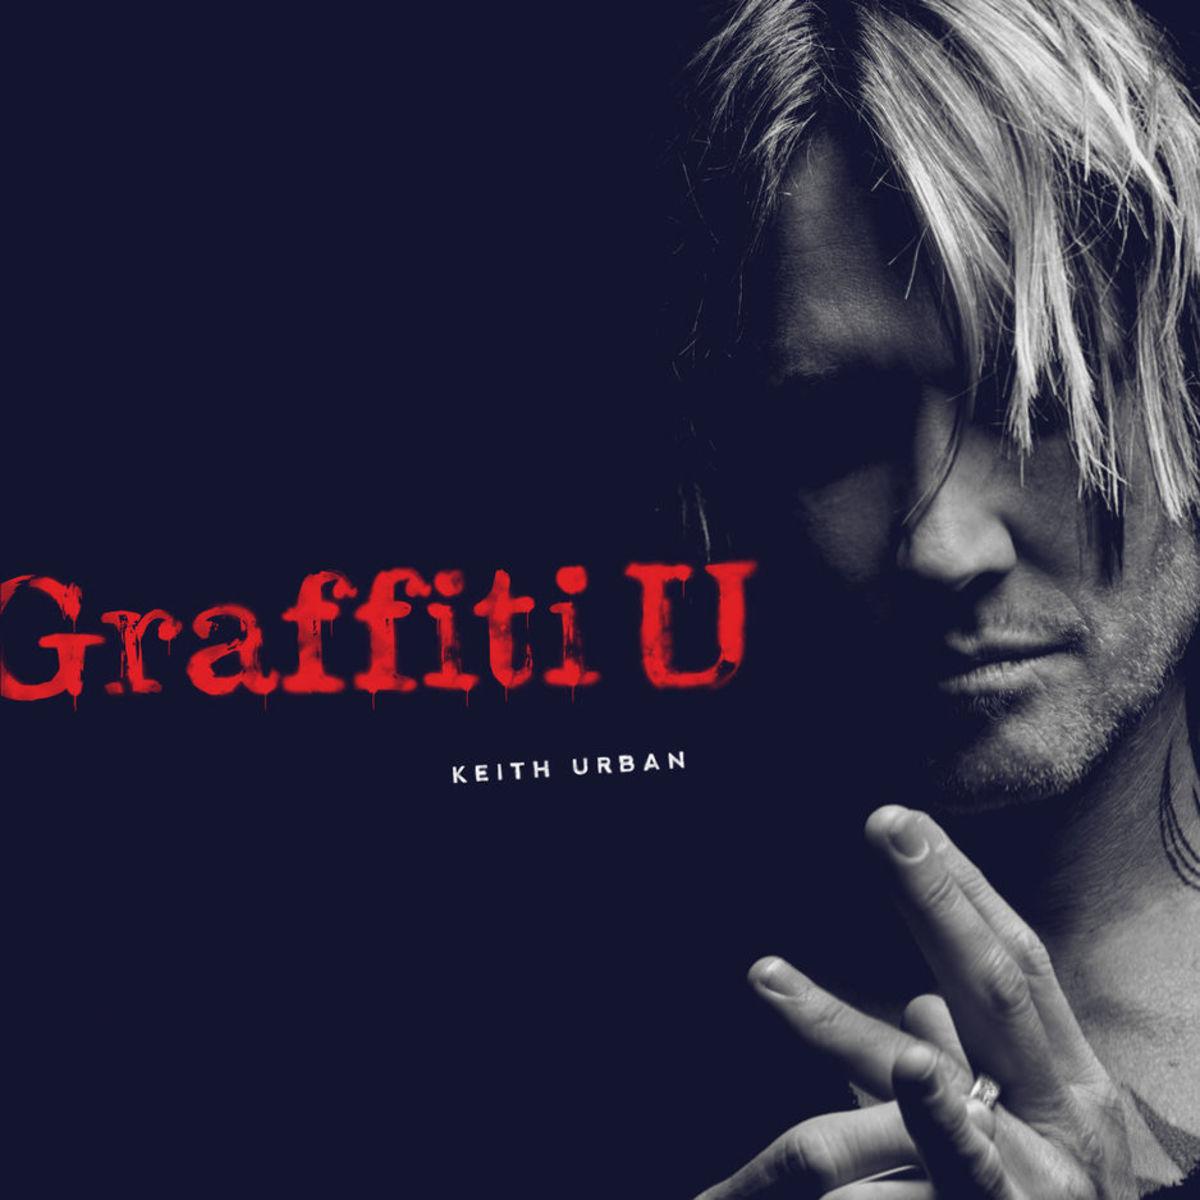 Articlehome graffiti u album cover